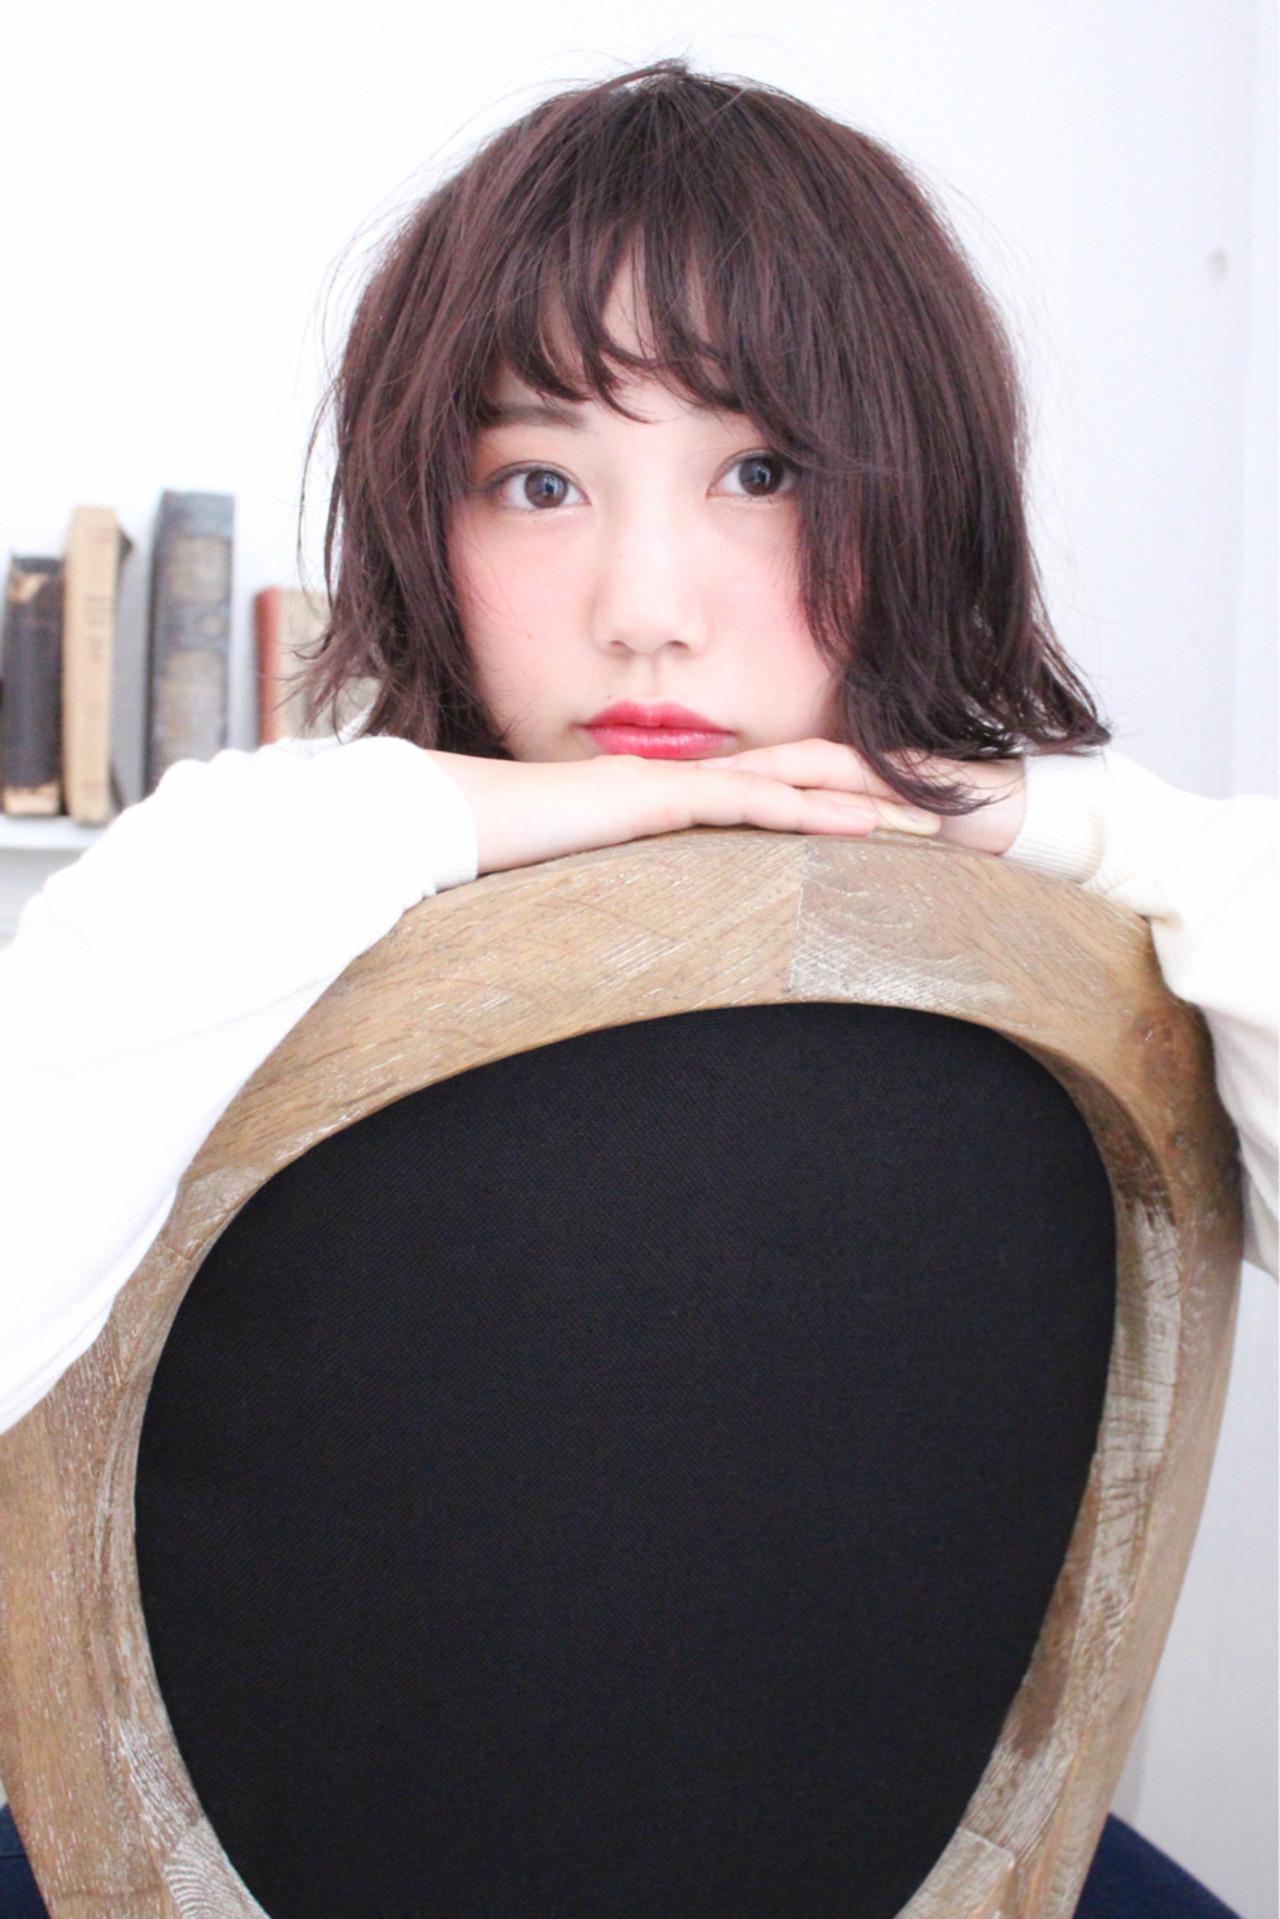 前髪あり 外国人風 ゆるふわ パーマ ヘアスタイルや髪型の写真・画像